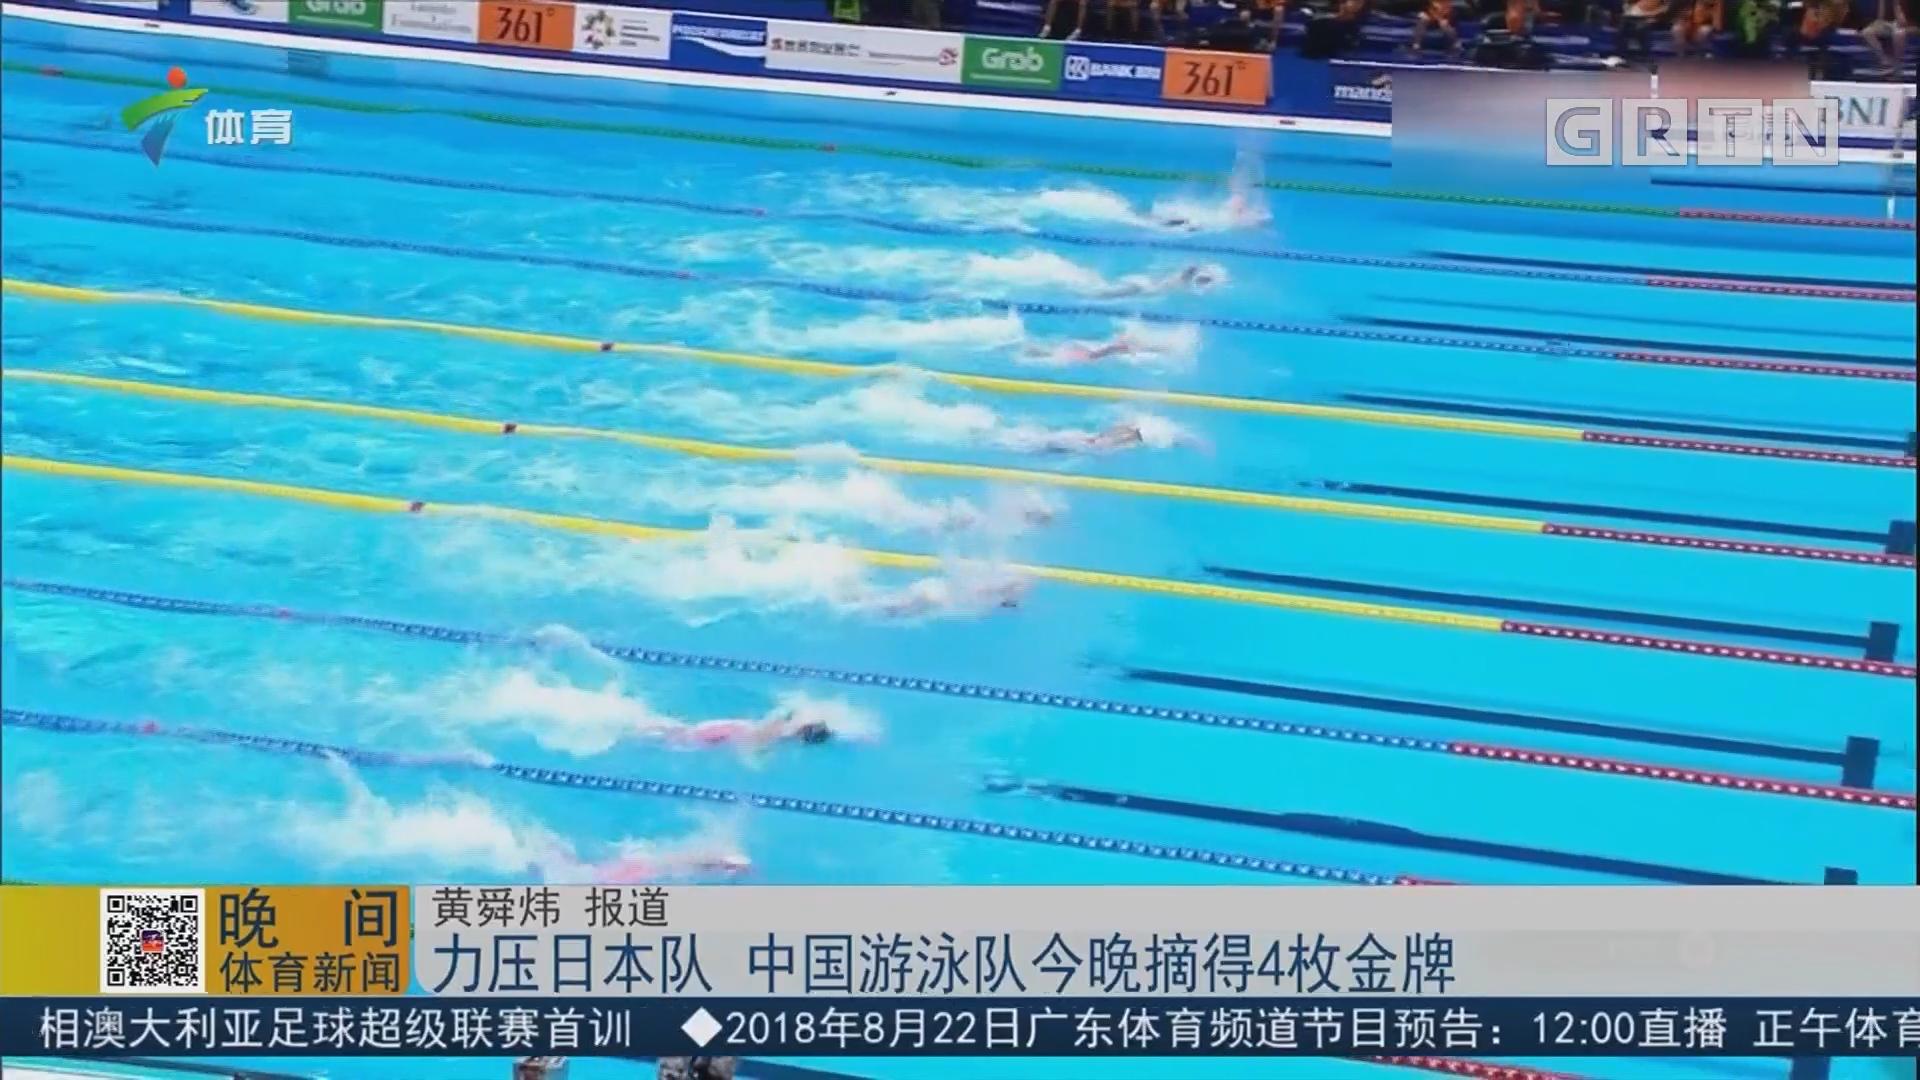 力压日本队 中国游泳队今晚摘得4枚金牌